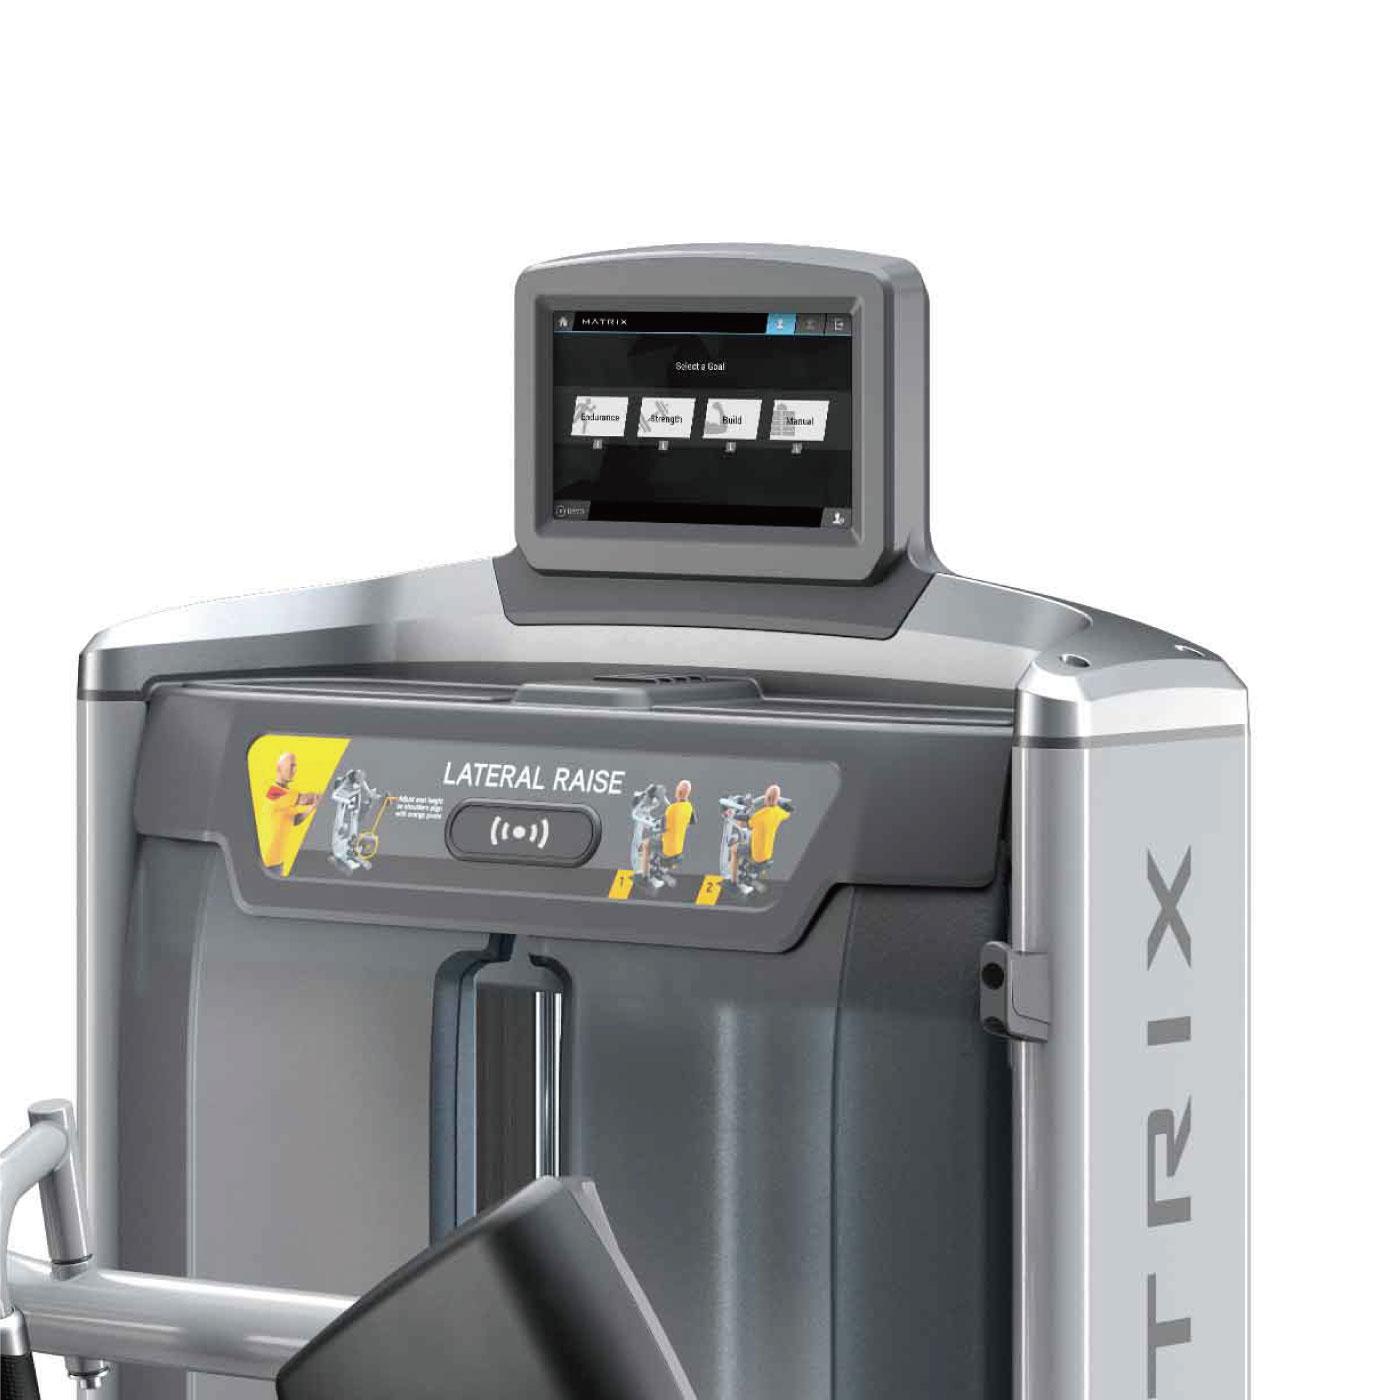 G7-S21-V2(ラテラルレイズ)〈アルトラV2シリーズ〉/業務用ストレングスマシン〈業務用MATRIX〉《ジョンソンヘルステック》